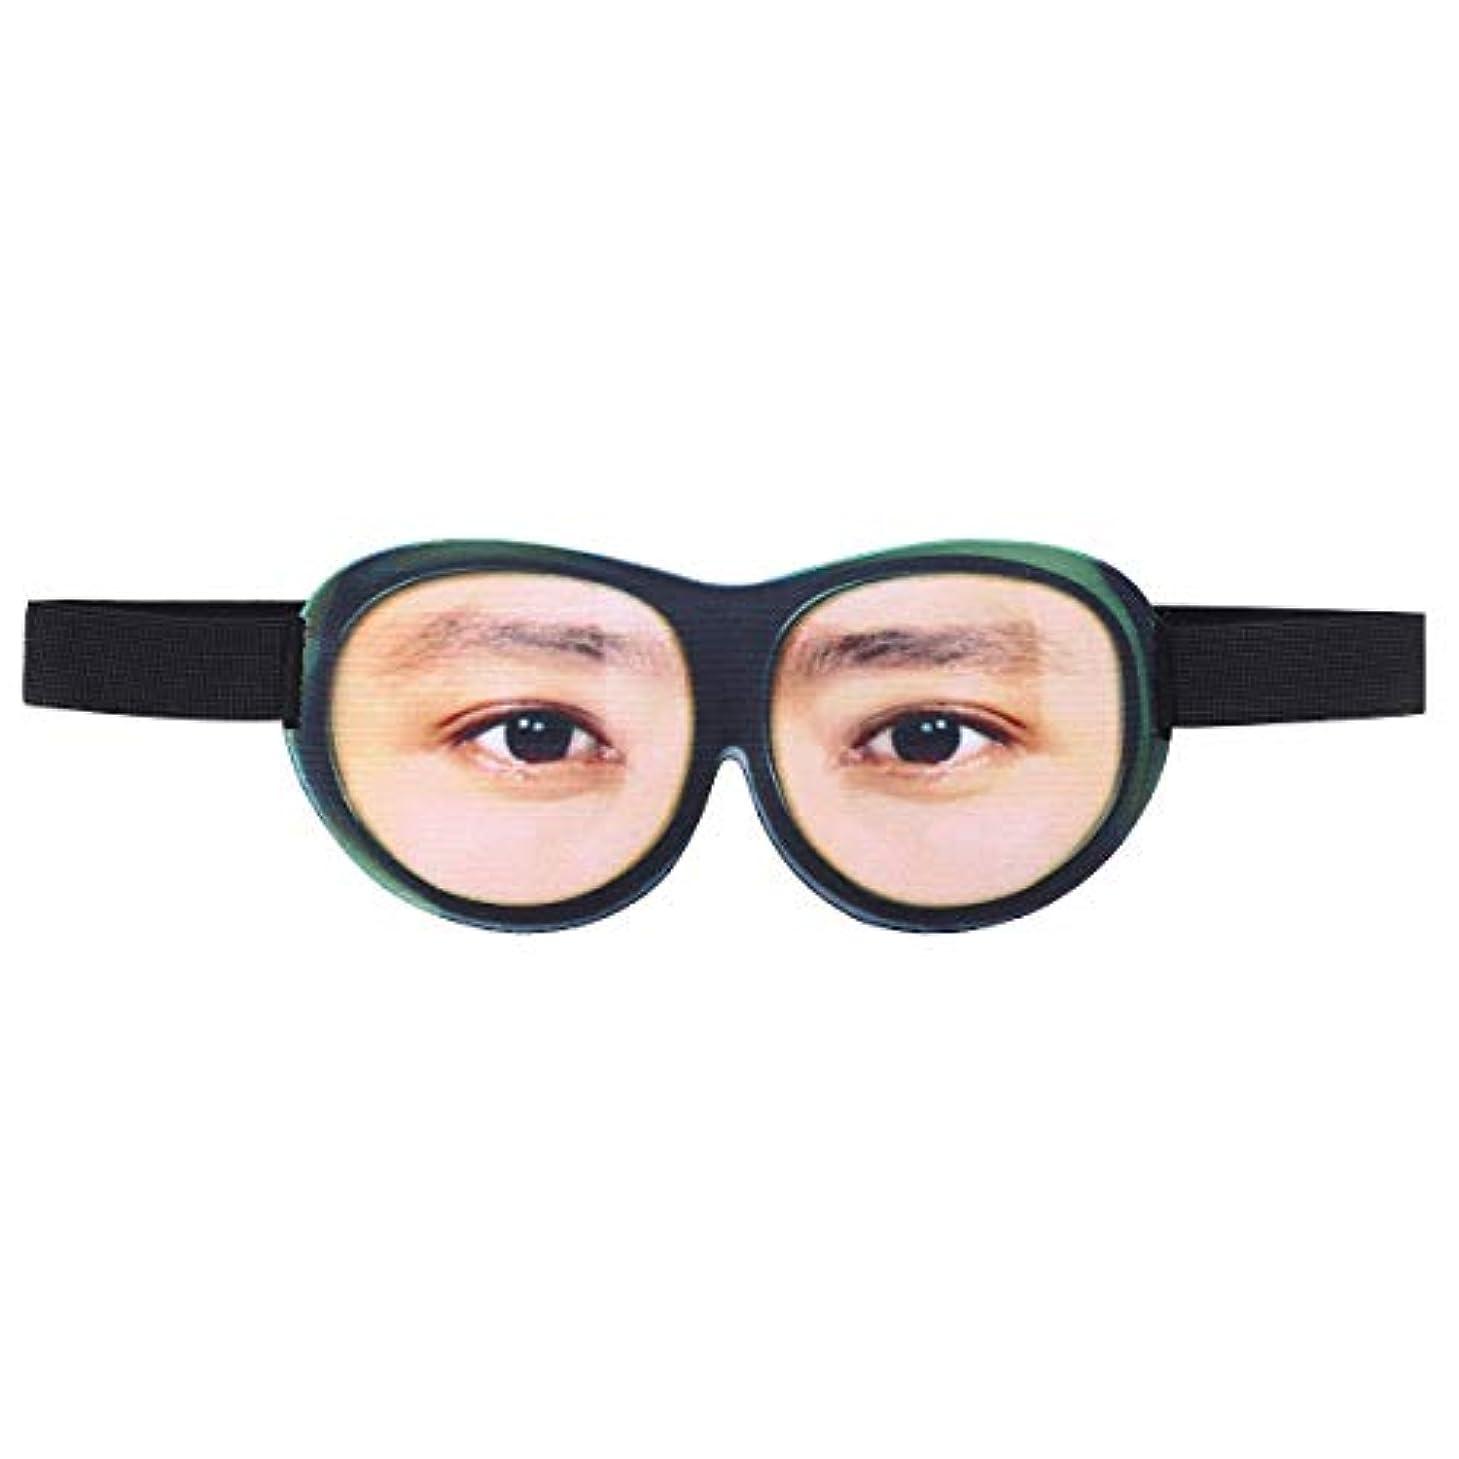 運動構造的歌手SUPVOX 男性と女性のための3D面白い睡眠マスク通気性目隠しアイマスク旅行睡眠マスク